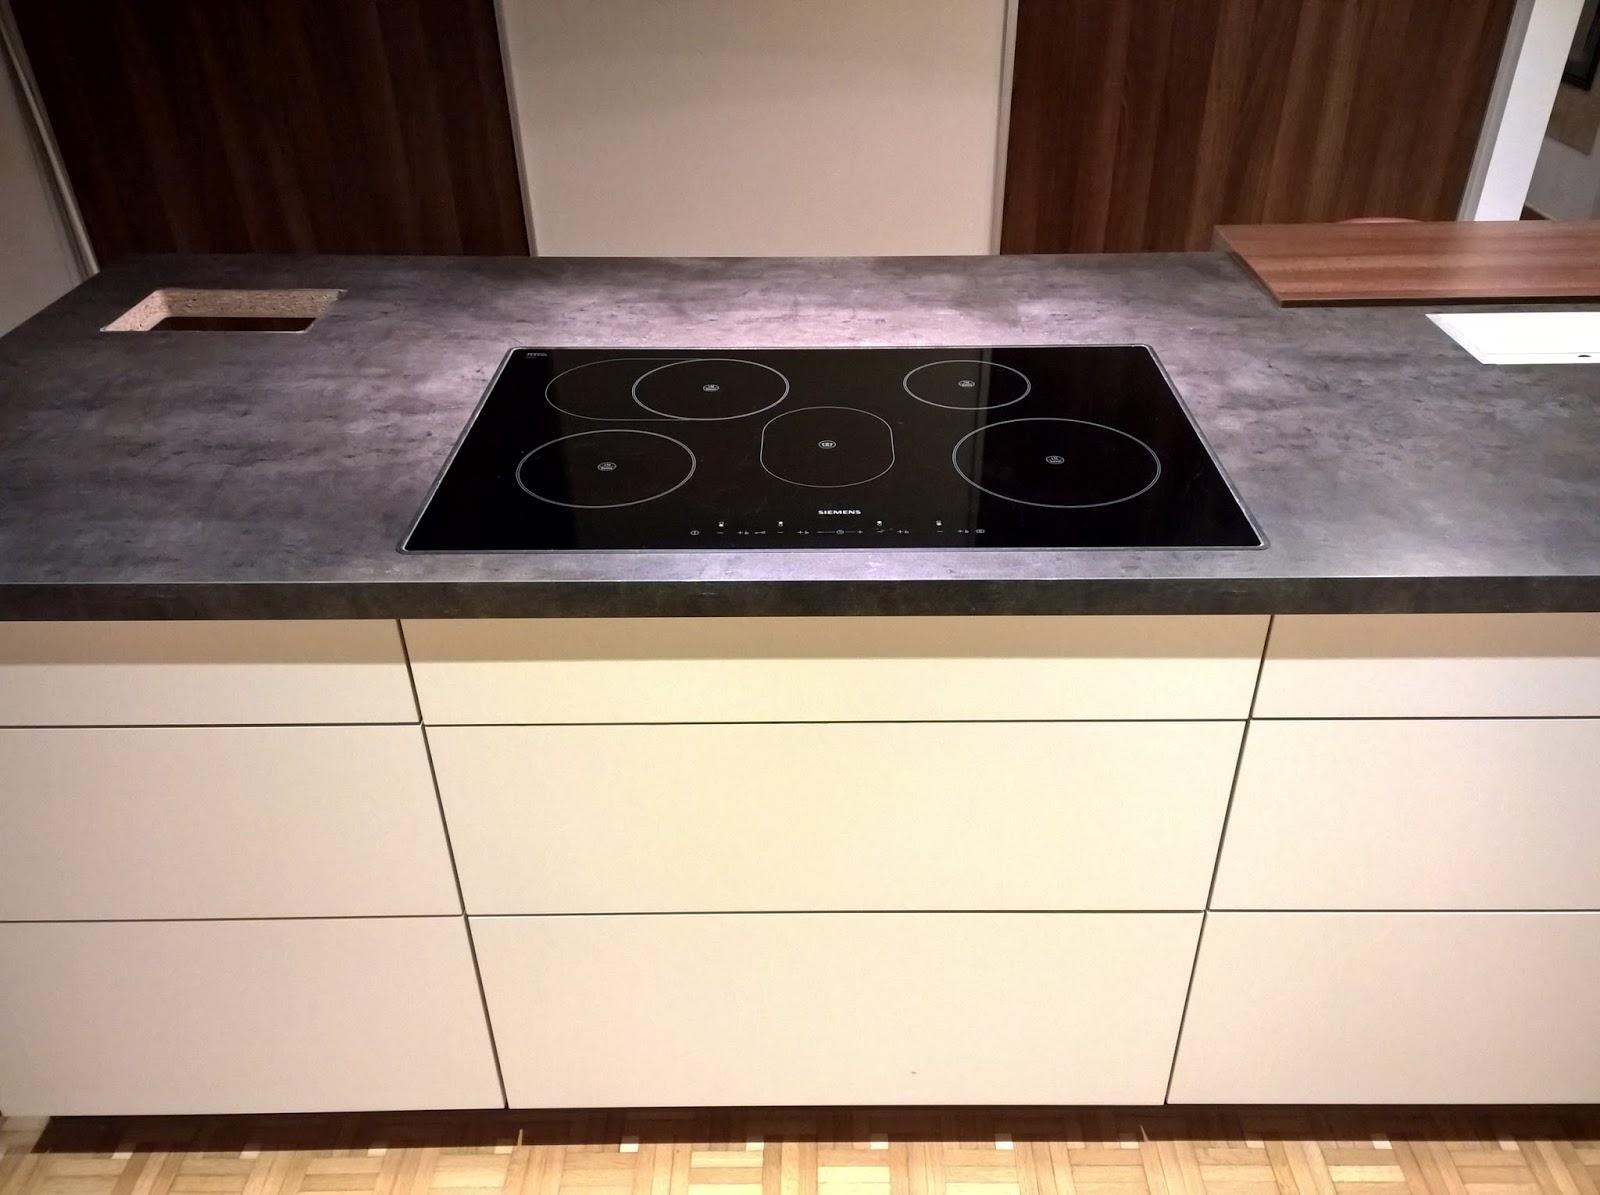 holz und metall - ein heimwerkerblog: küchenarbeitsplatte & steckdosen